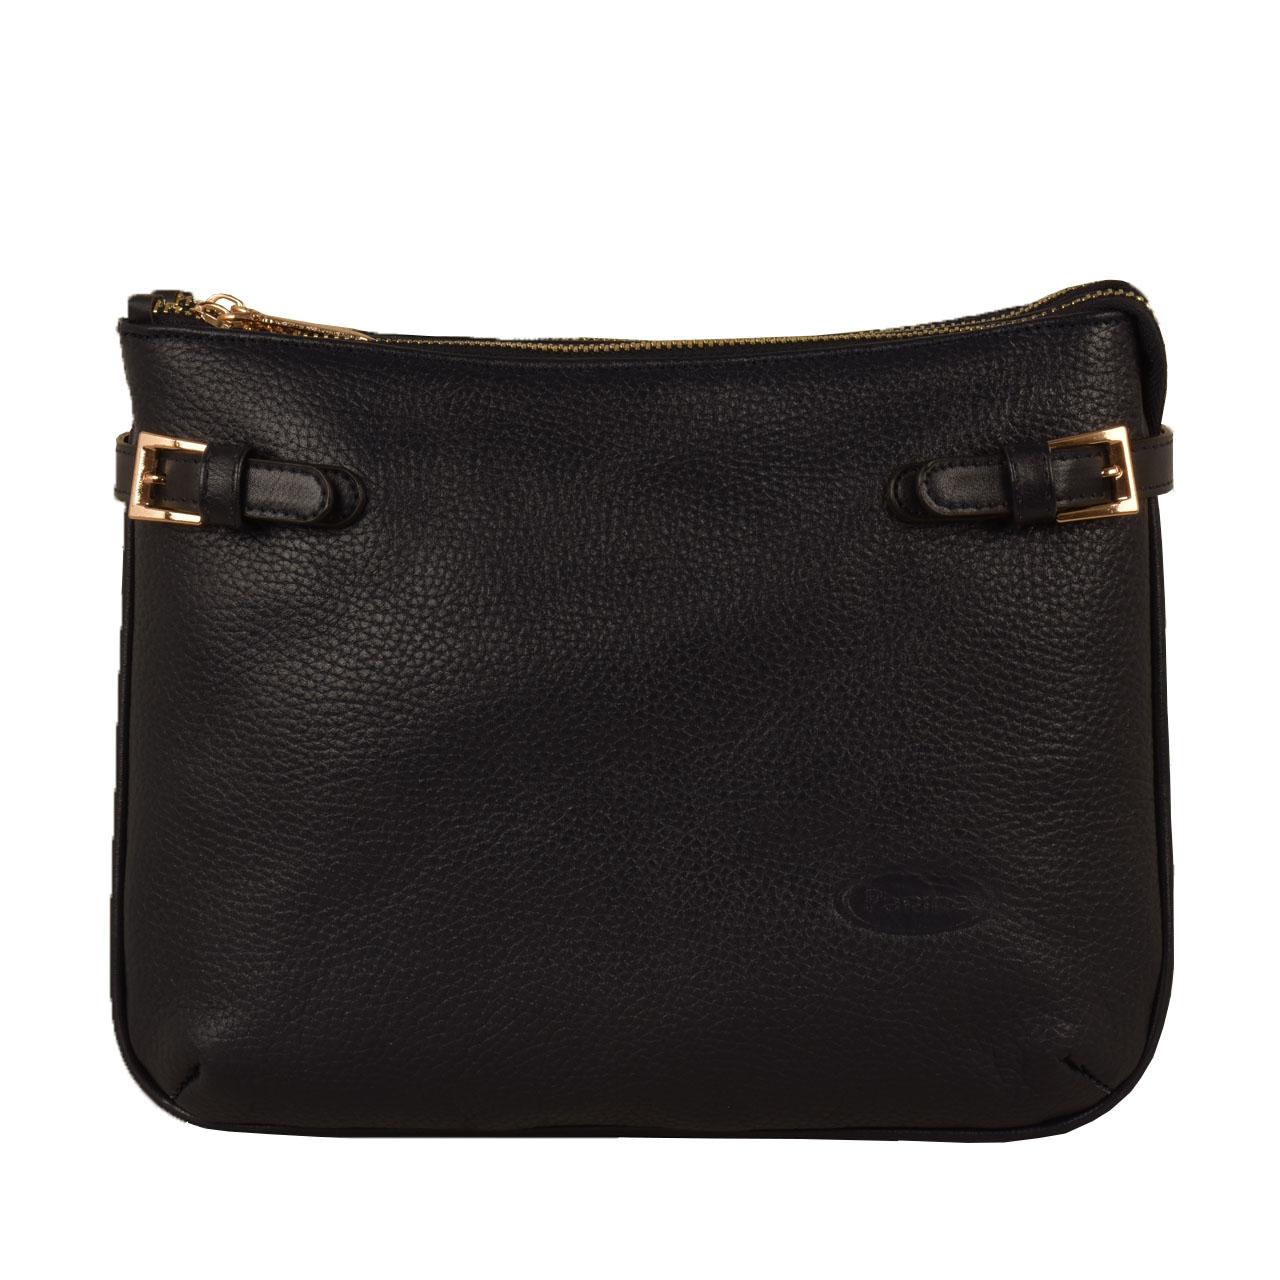 کیف دوشی زنانه پارینه چرم مدل PLV174-1568